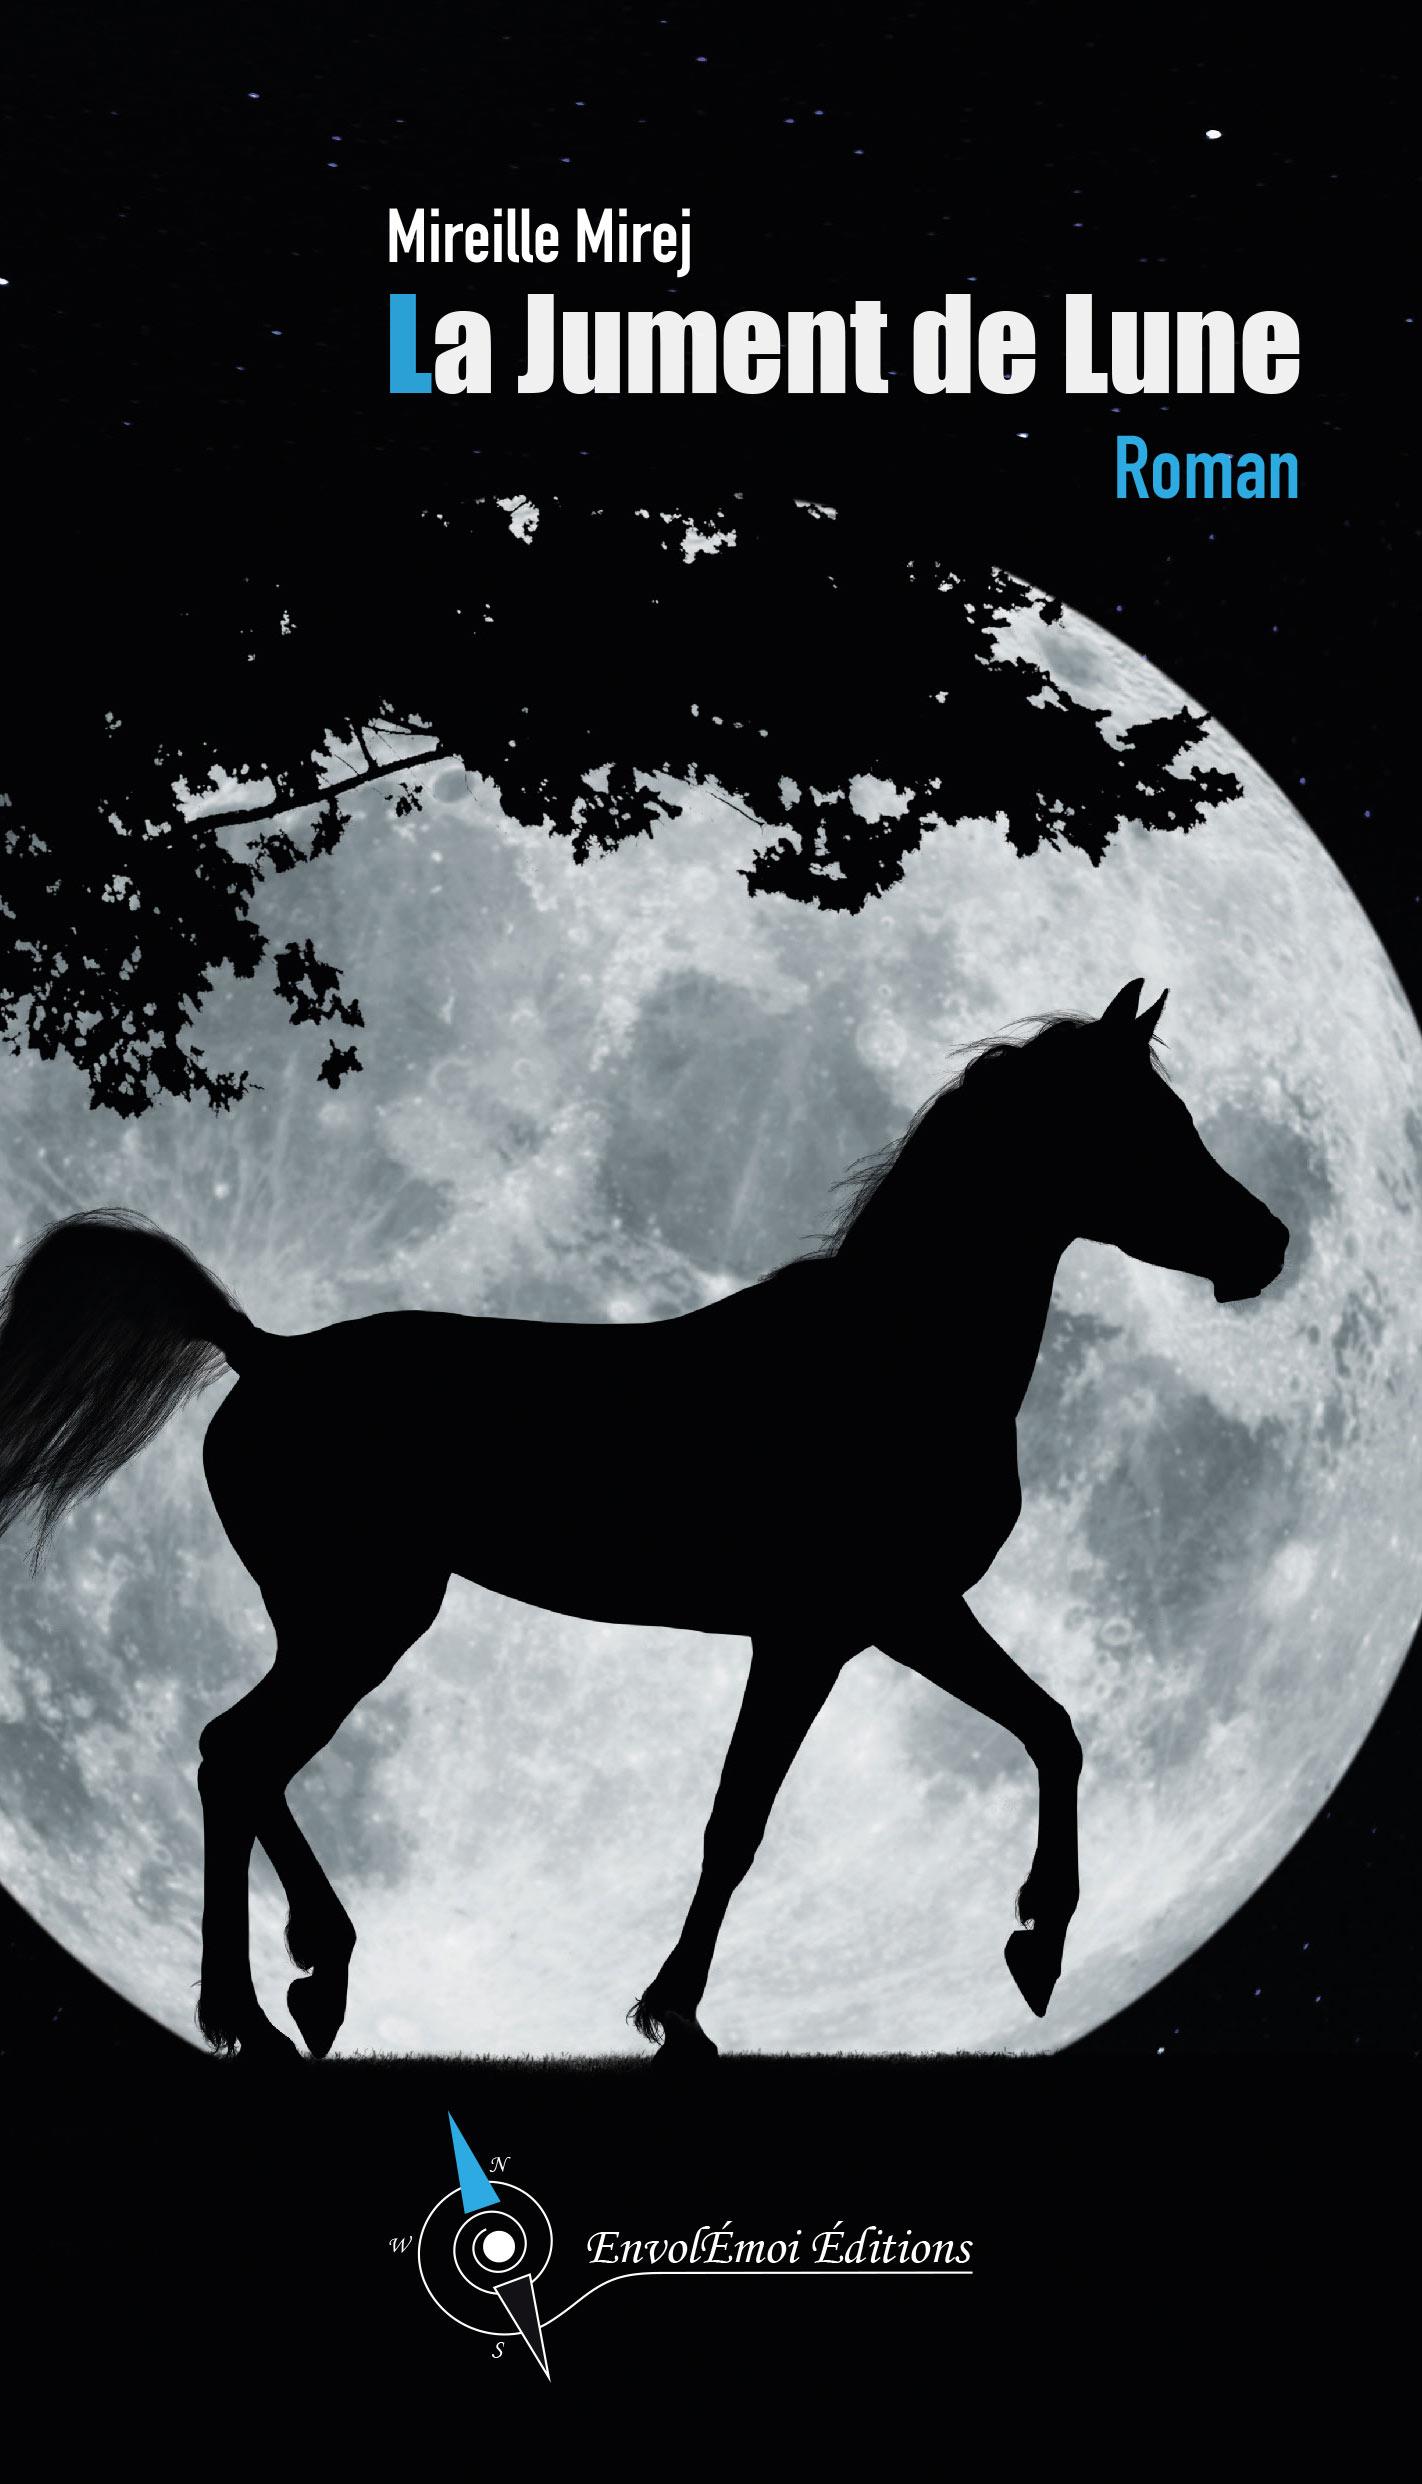 Couverture roman La Jument de Lune de Mireille Mirej